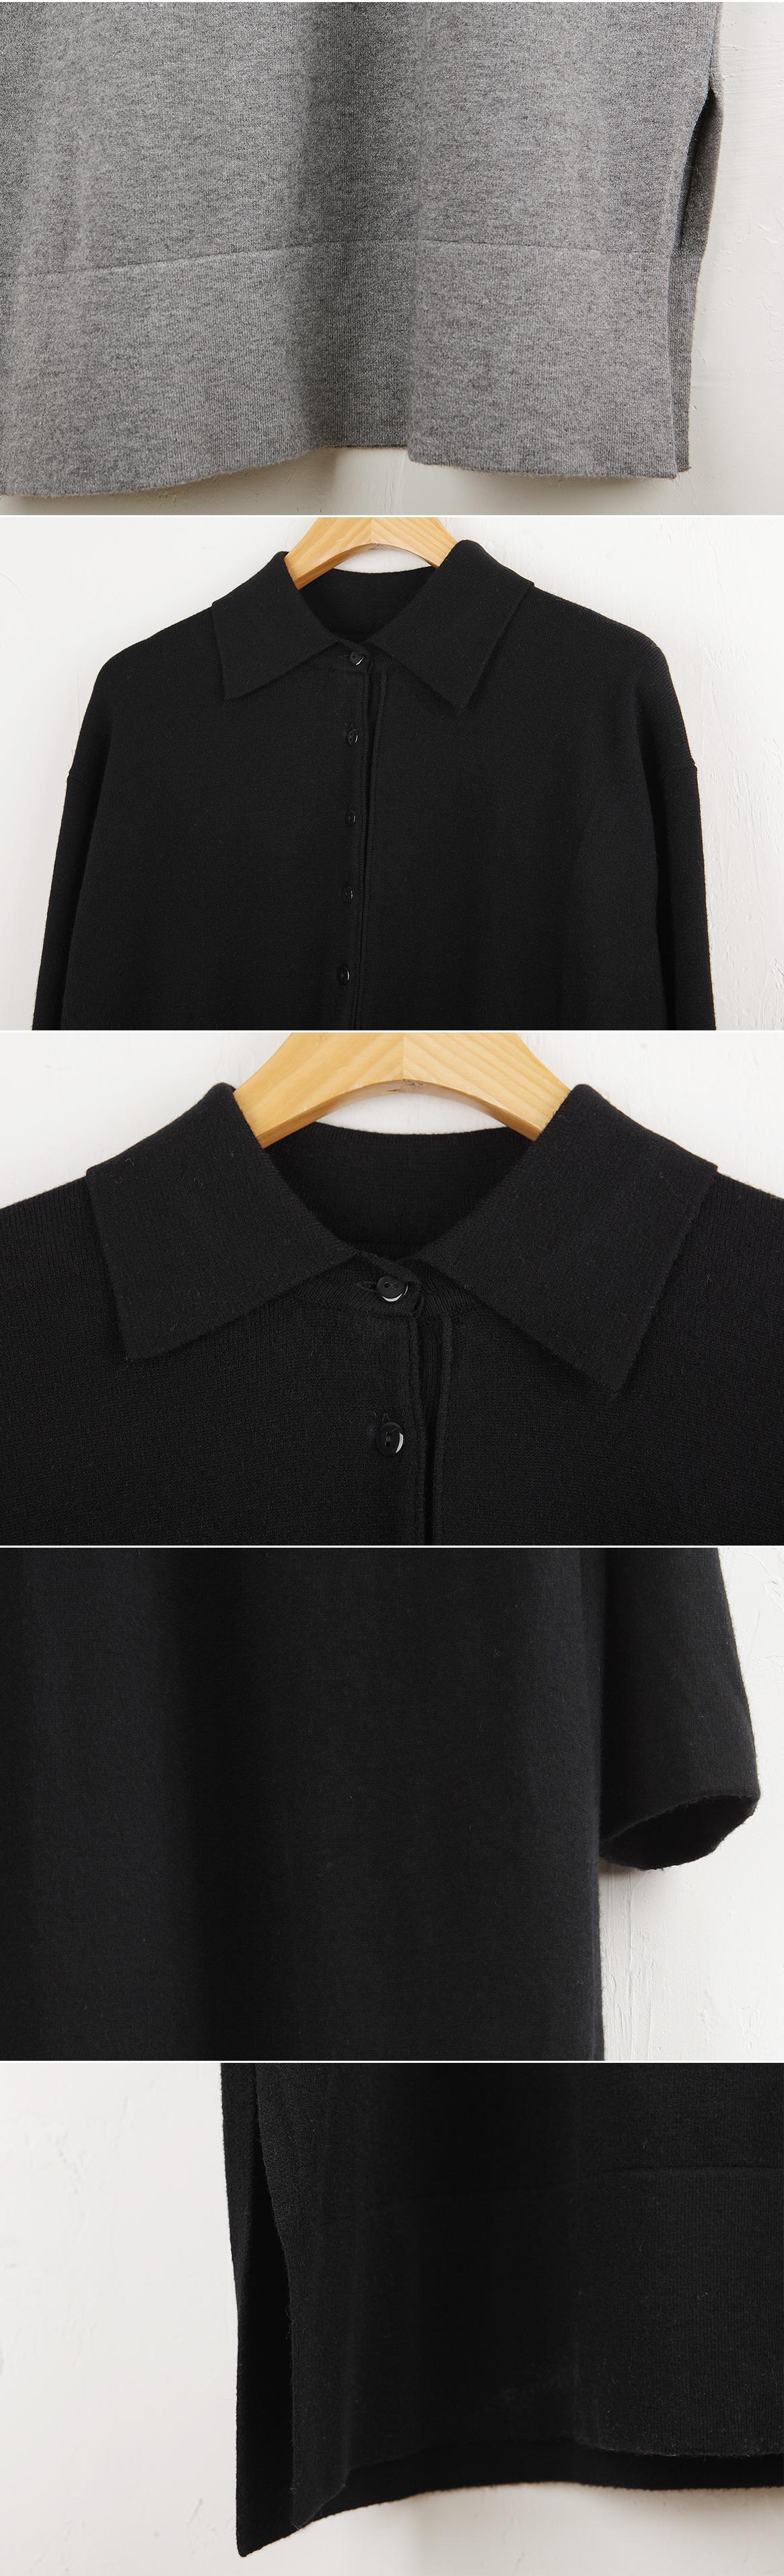 Button collar dress